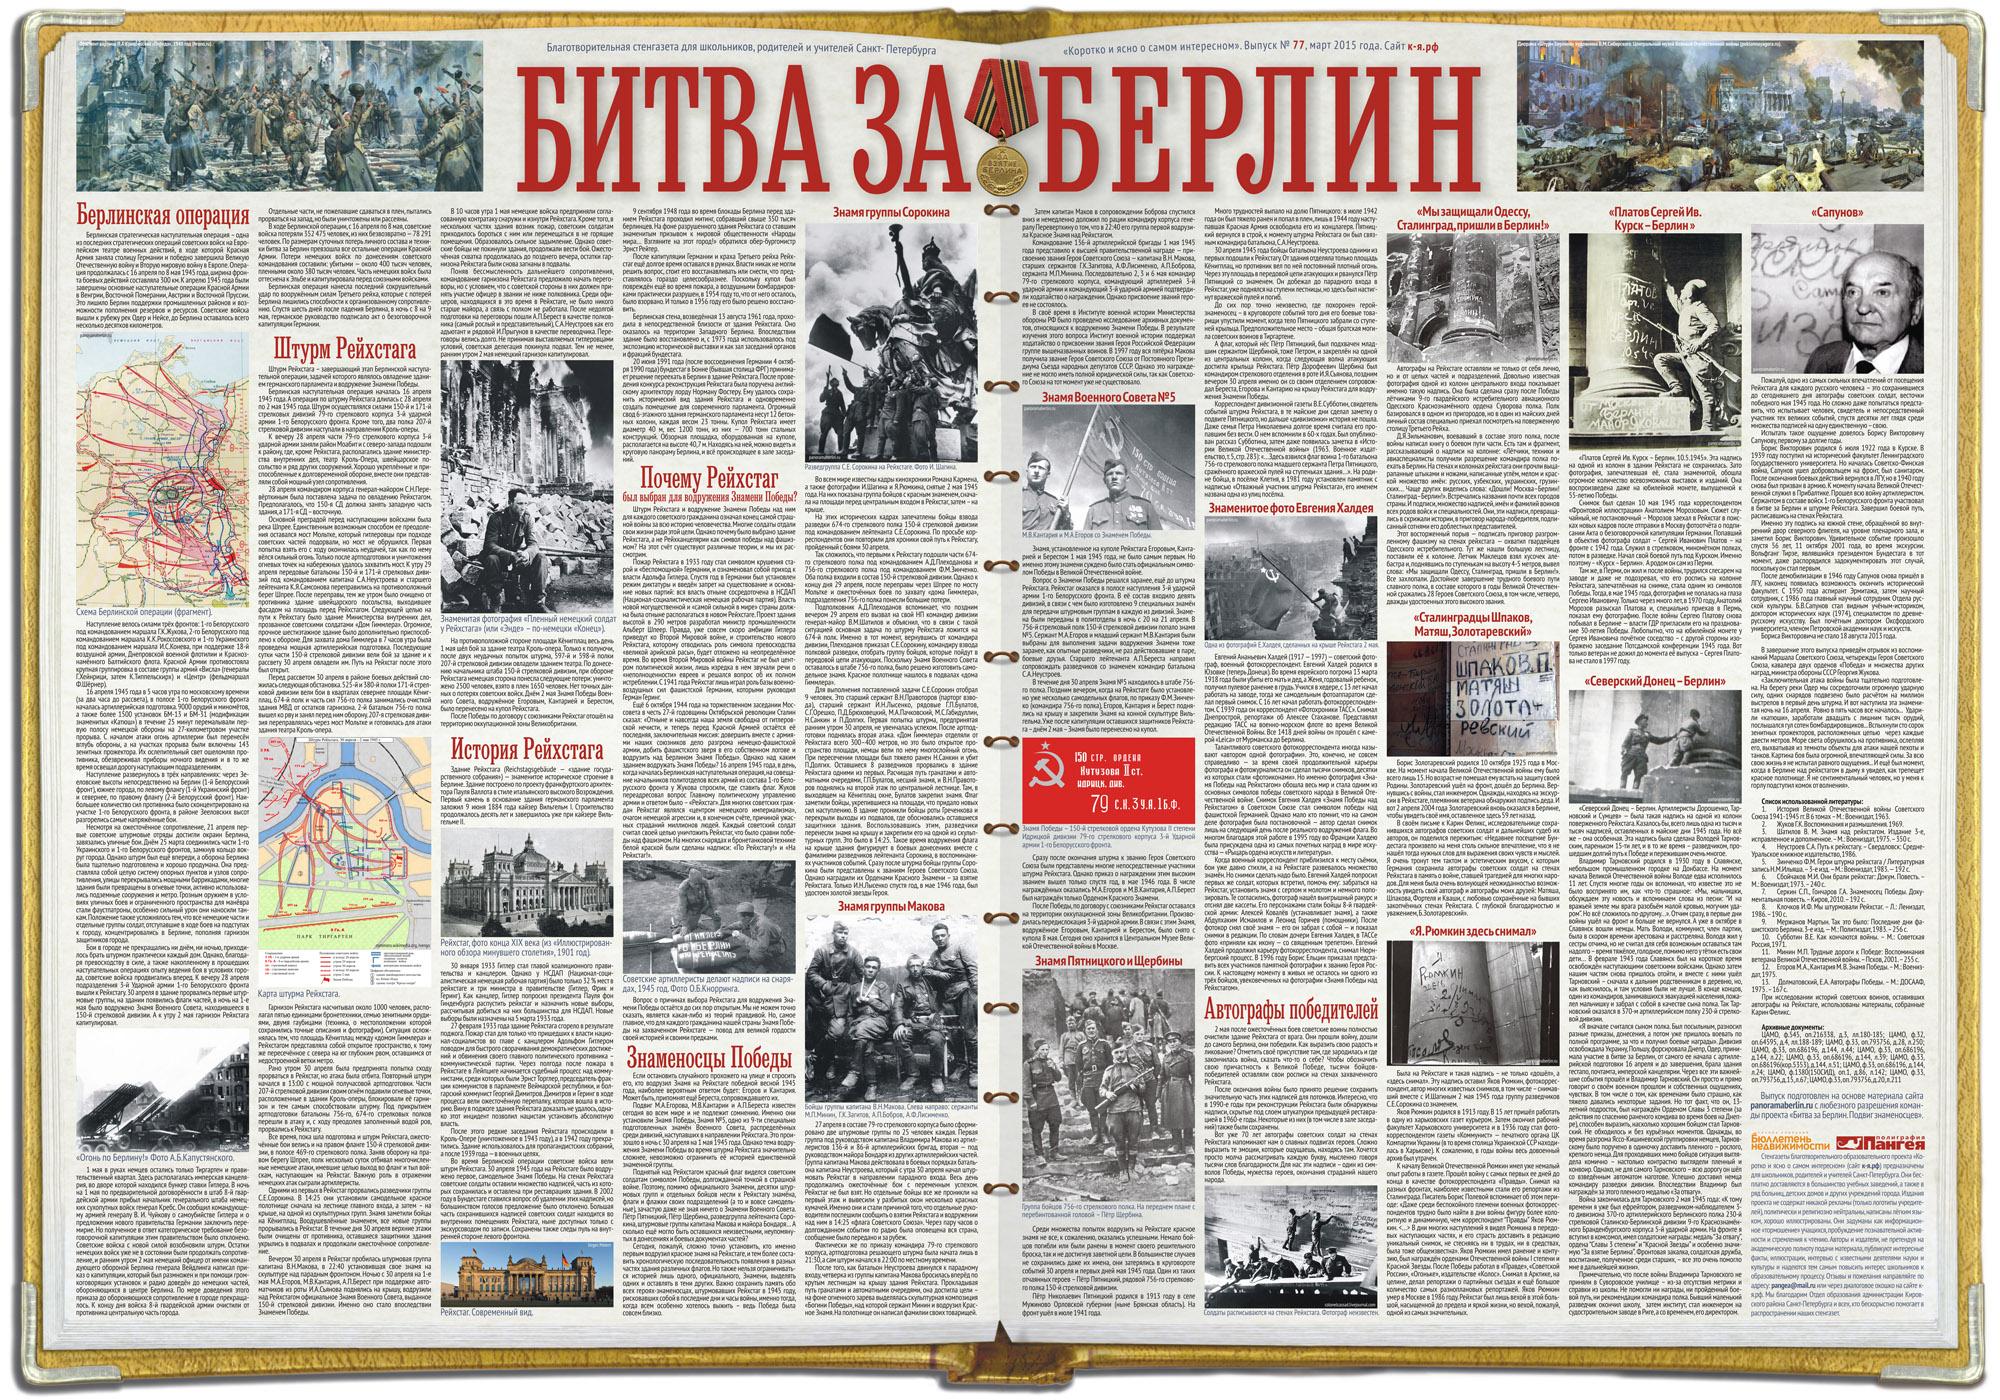 77. Битва за Берлин